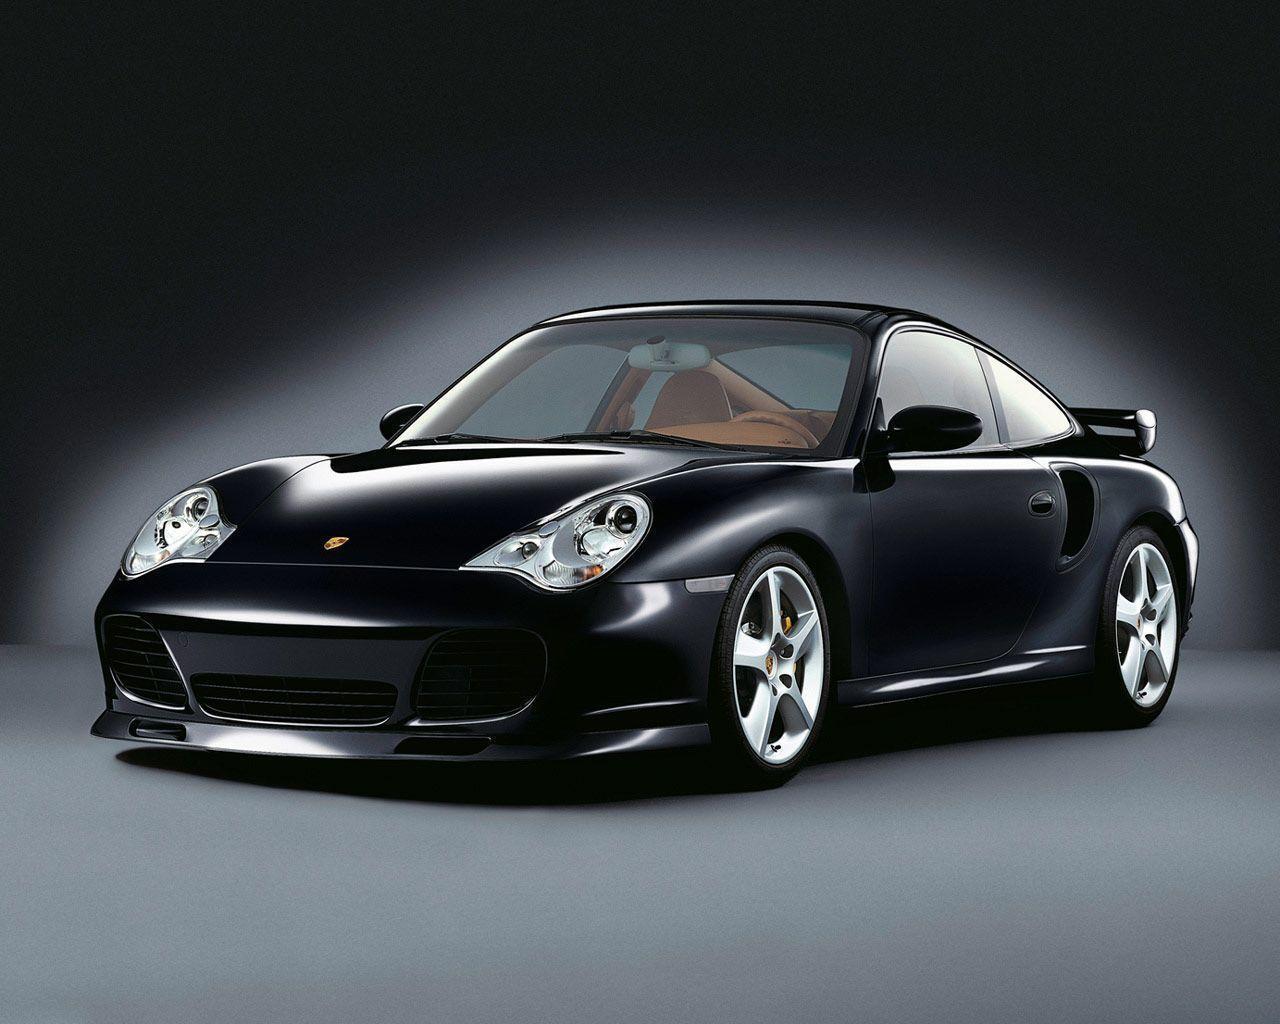 Porsche 911 High Resolution Wallpaper 13807 Images | wallgraf.